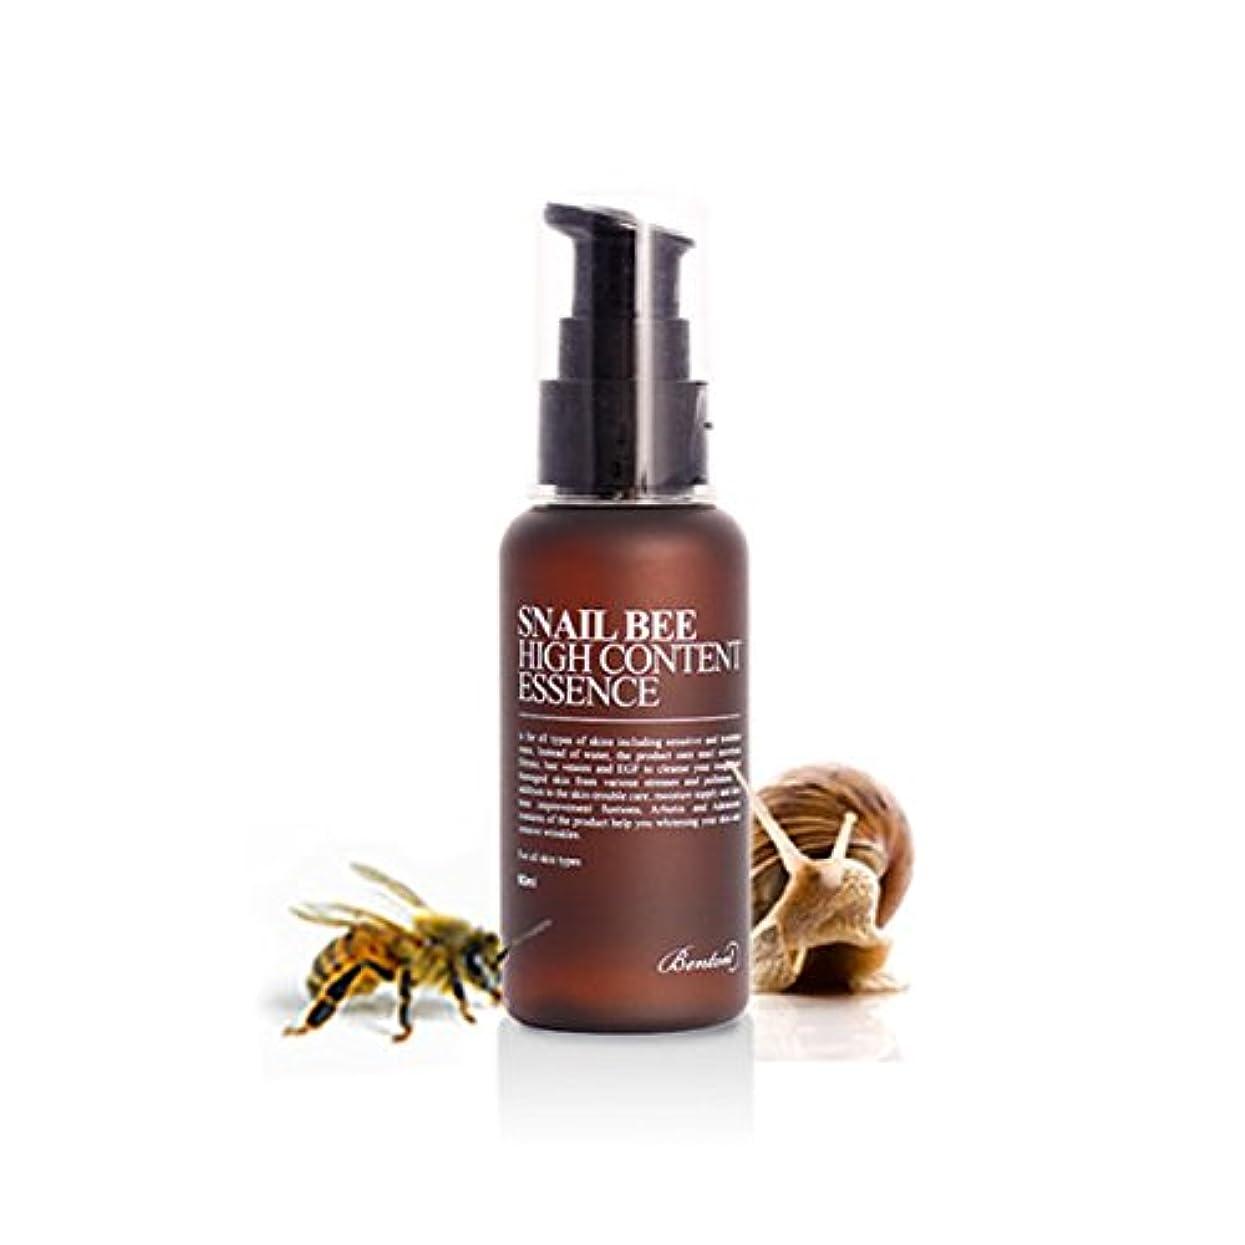 混合医師靴下[ベントン] Benton カタツムリ蜂ハイコンテンツエッセンス Snail Bee High Content Essence 60ml [並行輸入品]